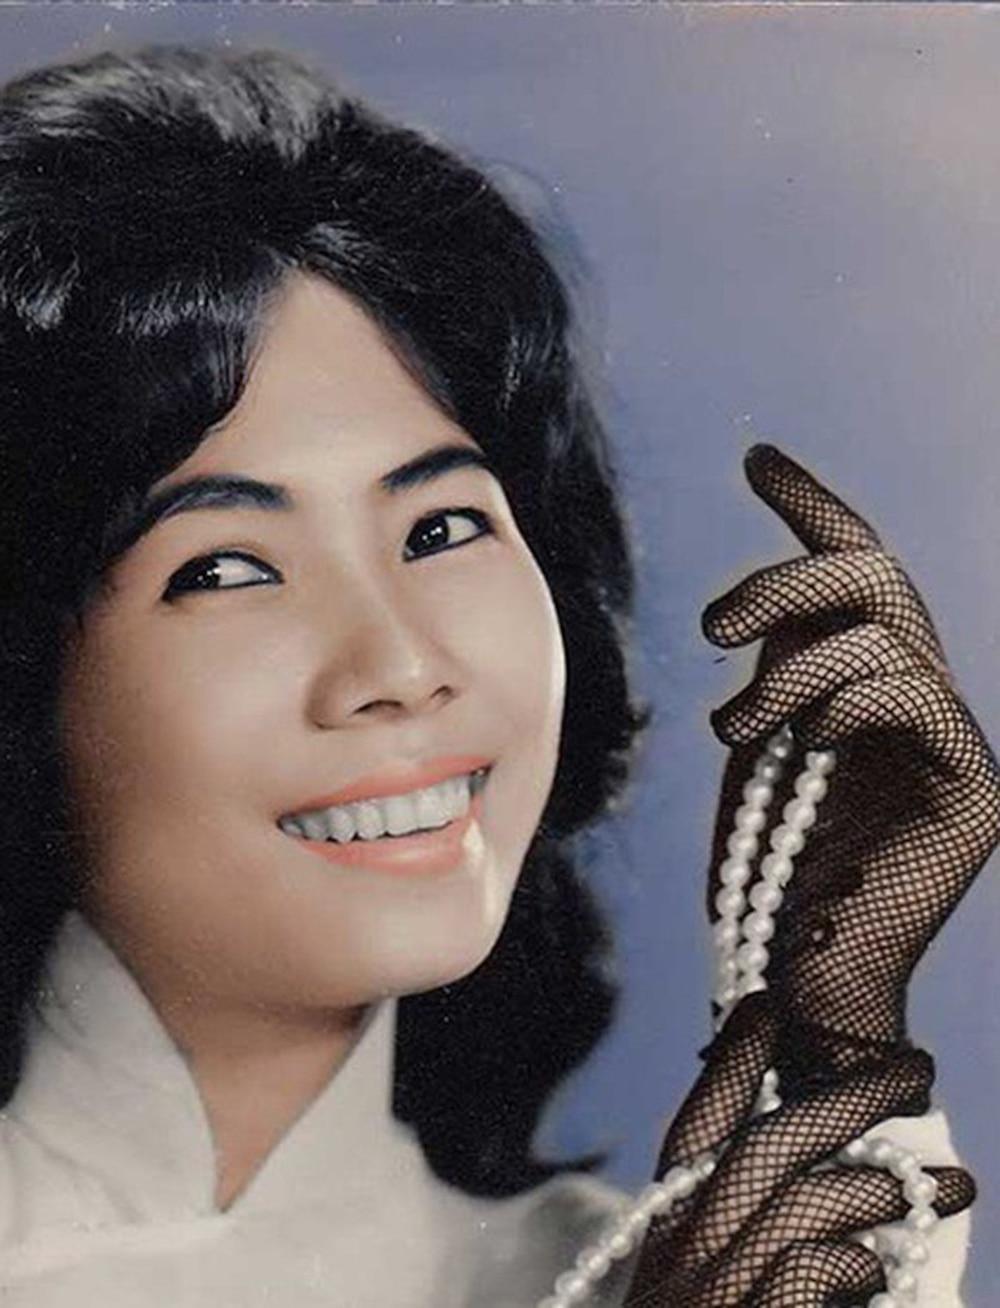 Xiêu lòng trước nhan sắc của dàn mĩ nhân thống trị showbiz Việt thập niên 1970 Ảnh 7